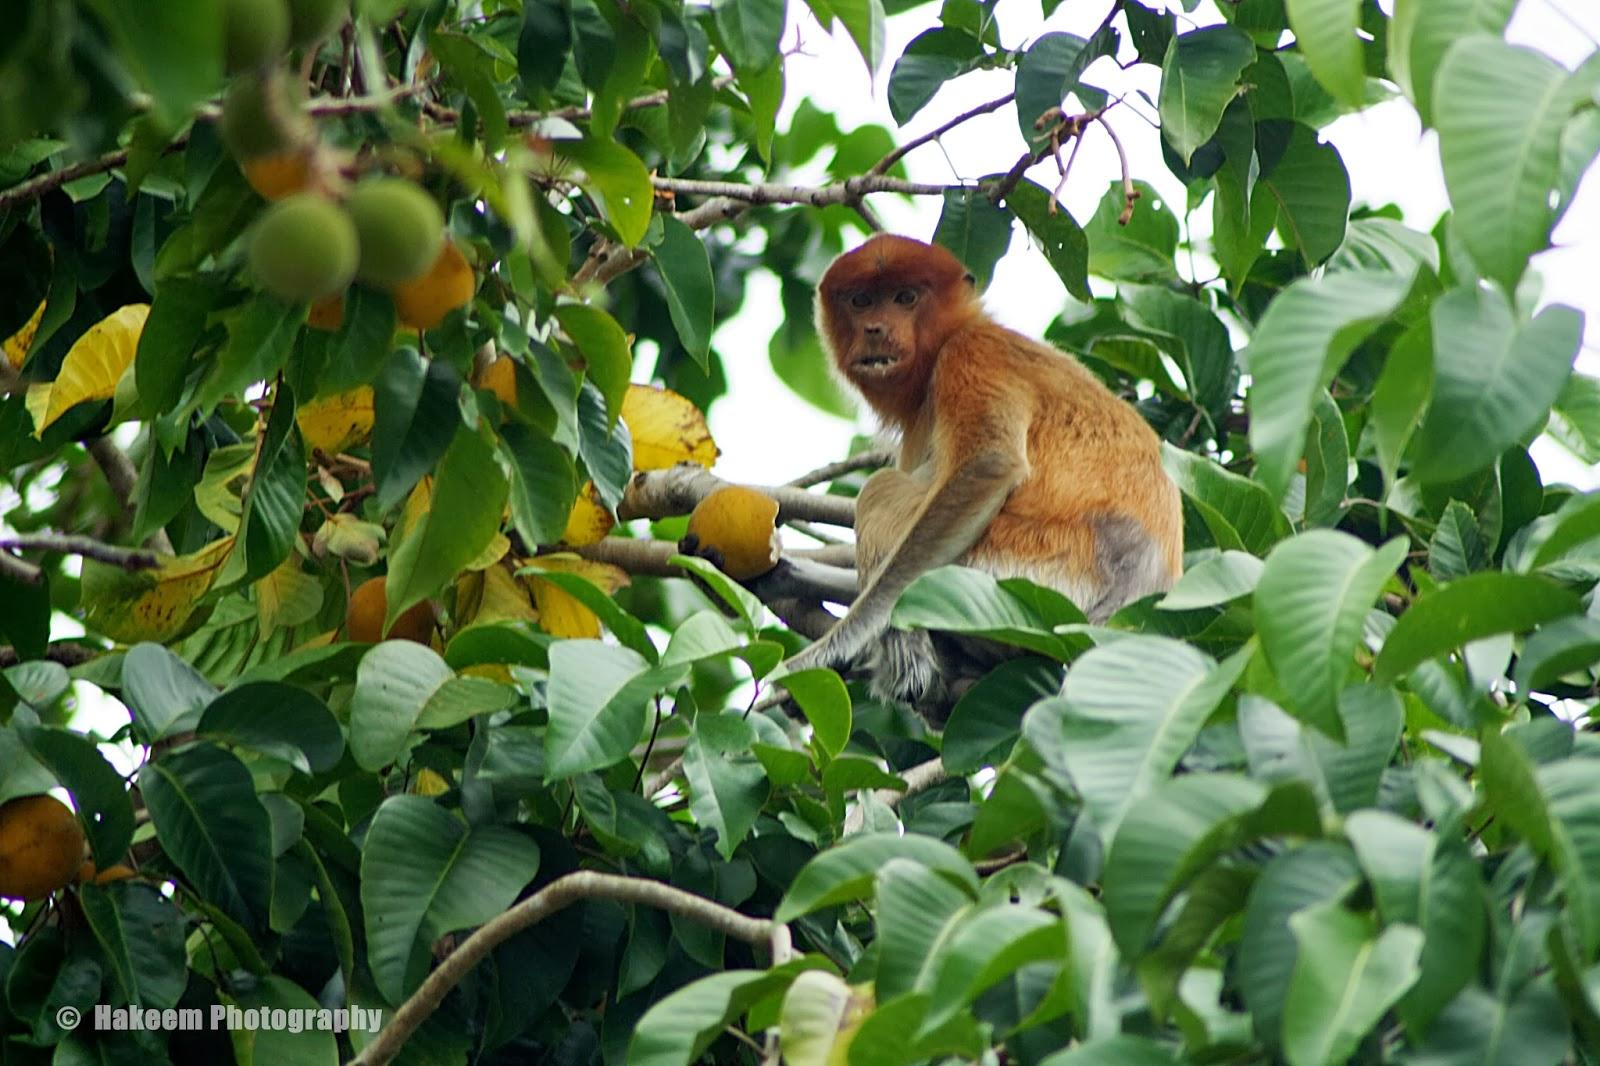 Anak bekantan memakan buah ketapi